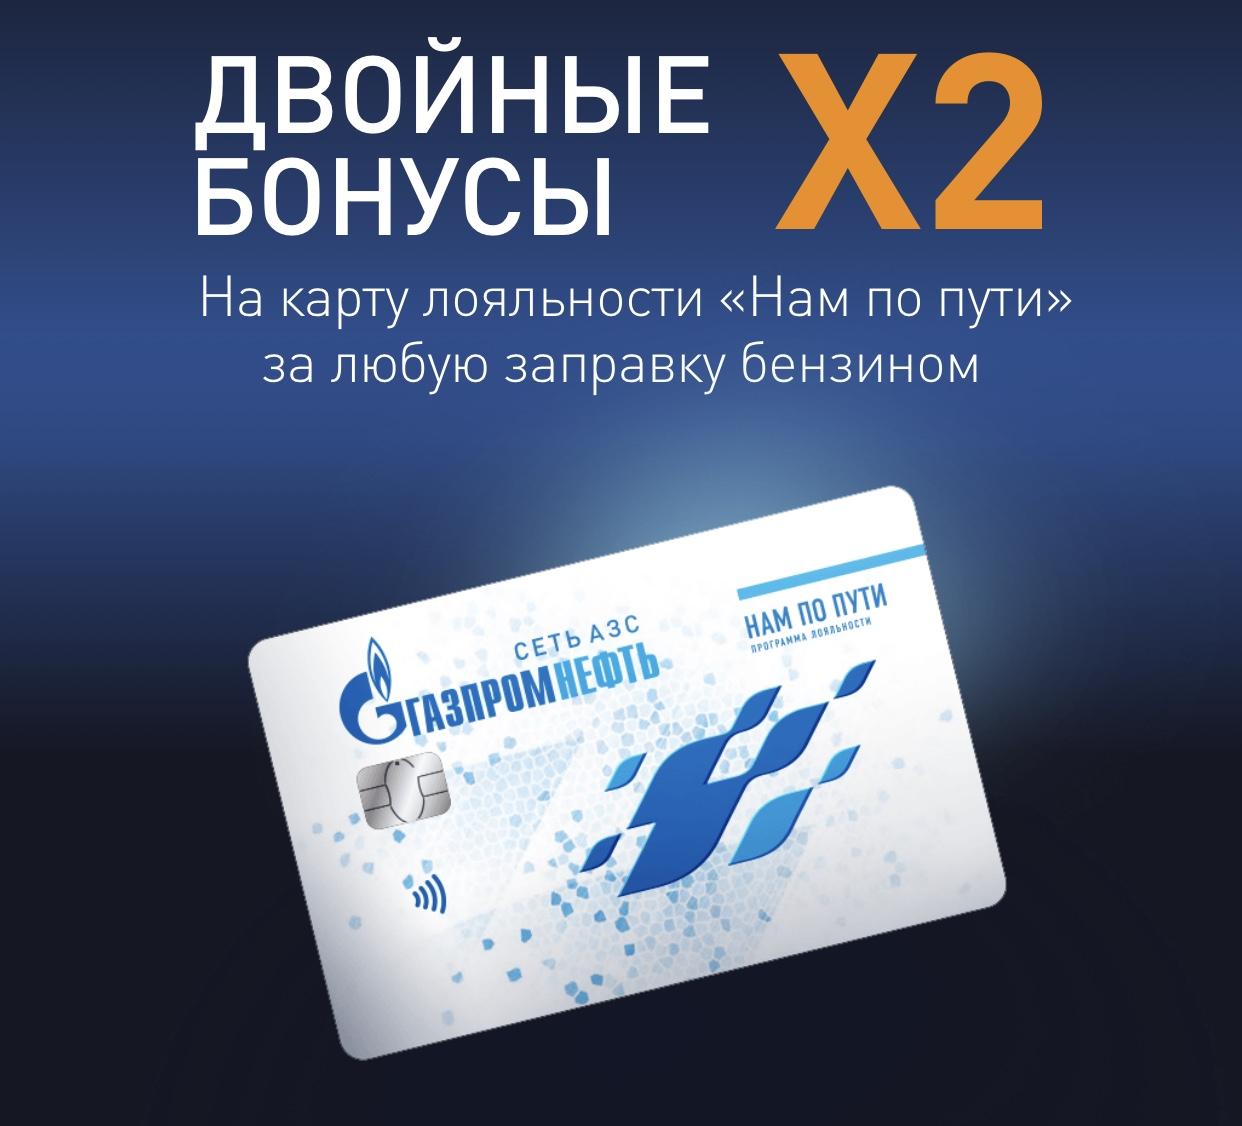 кредитные операции банка с ценными бумагами